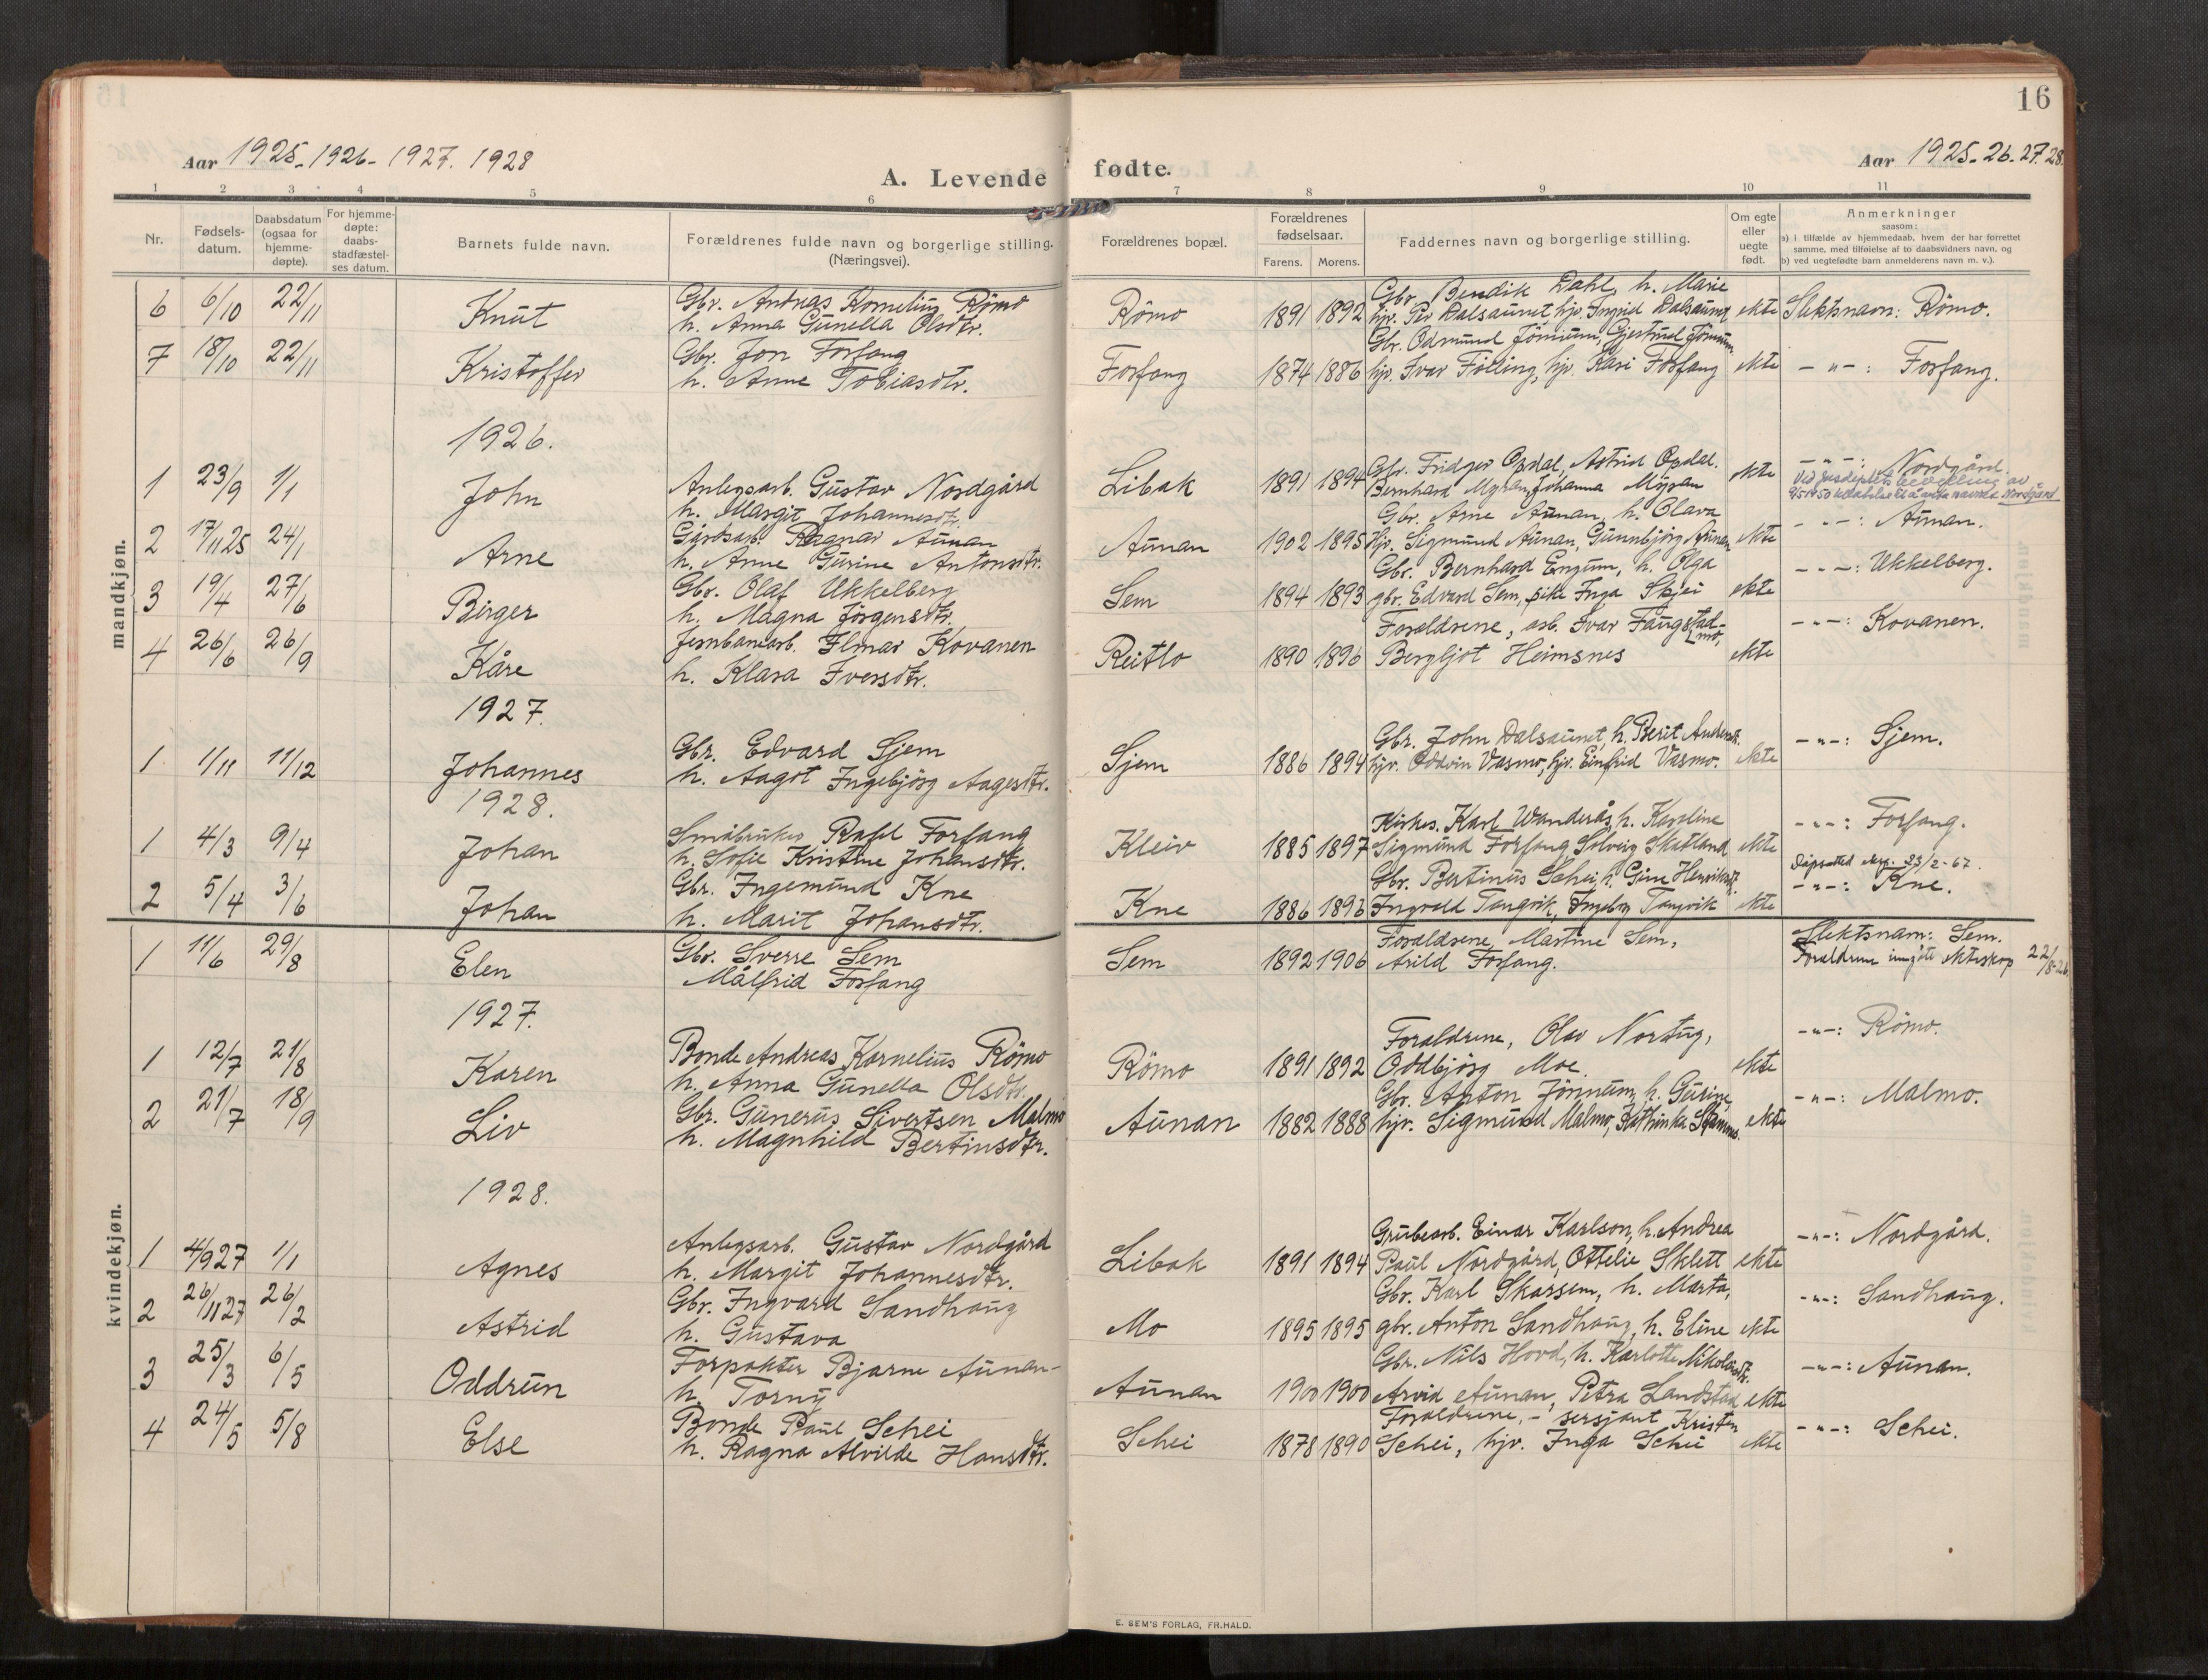 SAT, Stod sokneprestkontor, I/I1/I1a/L0003: Parish register (official) no. 3, 1909-1934, p. 16